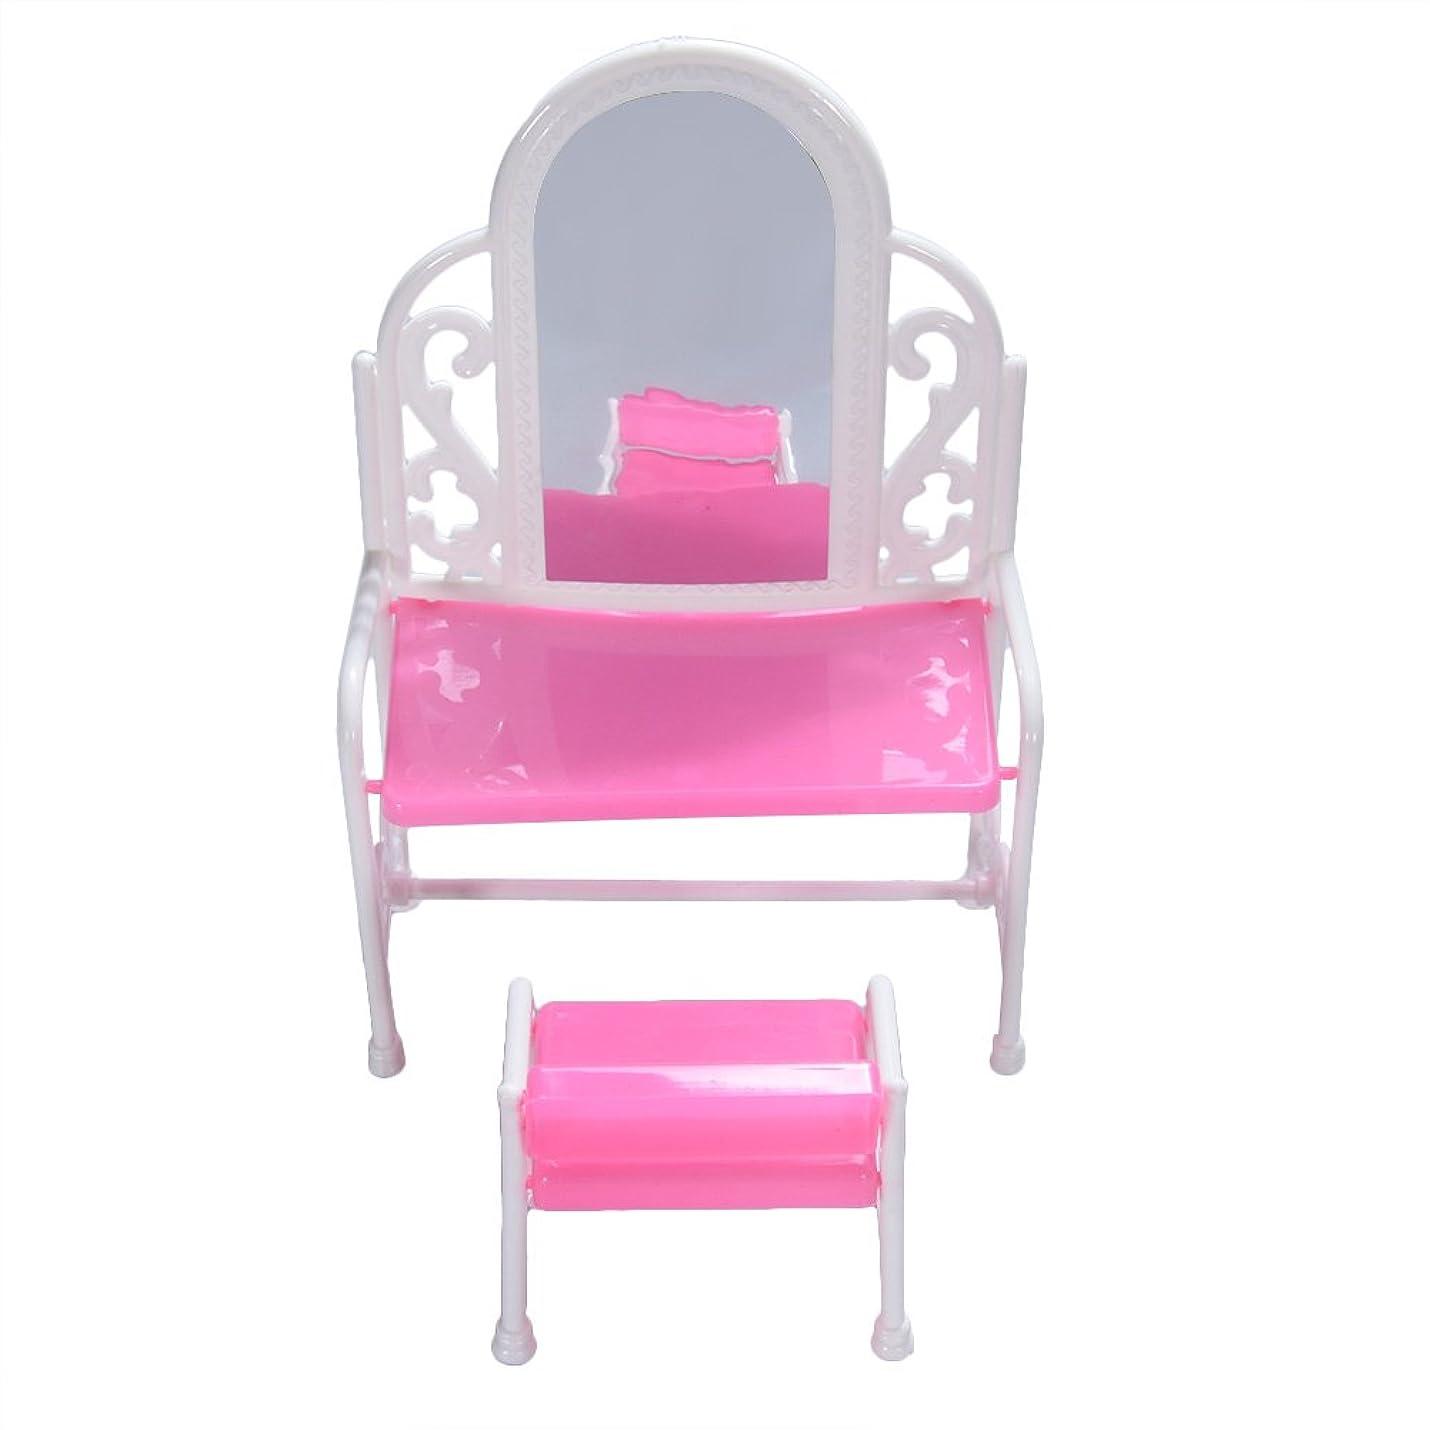 トロリー無関心船乗りBEESCLOVER ファッションドレッシングテーブルと椅子は、バービー人形のベッドルーム家具のセット